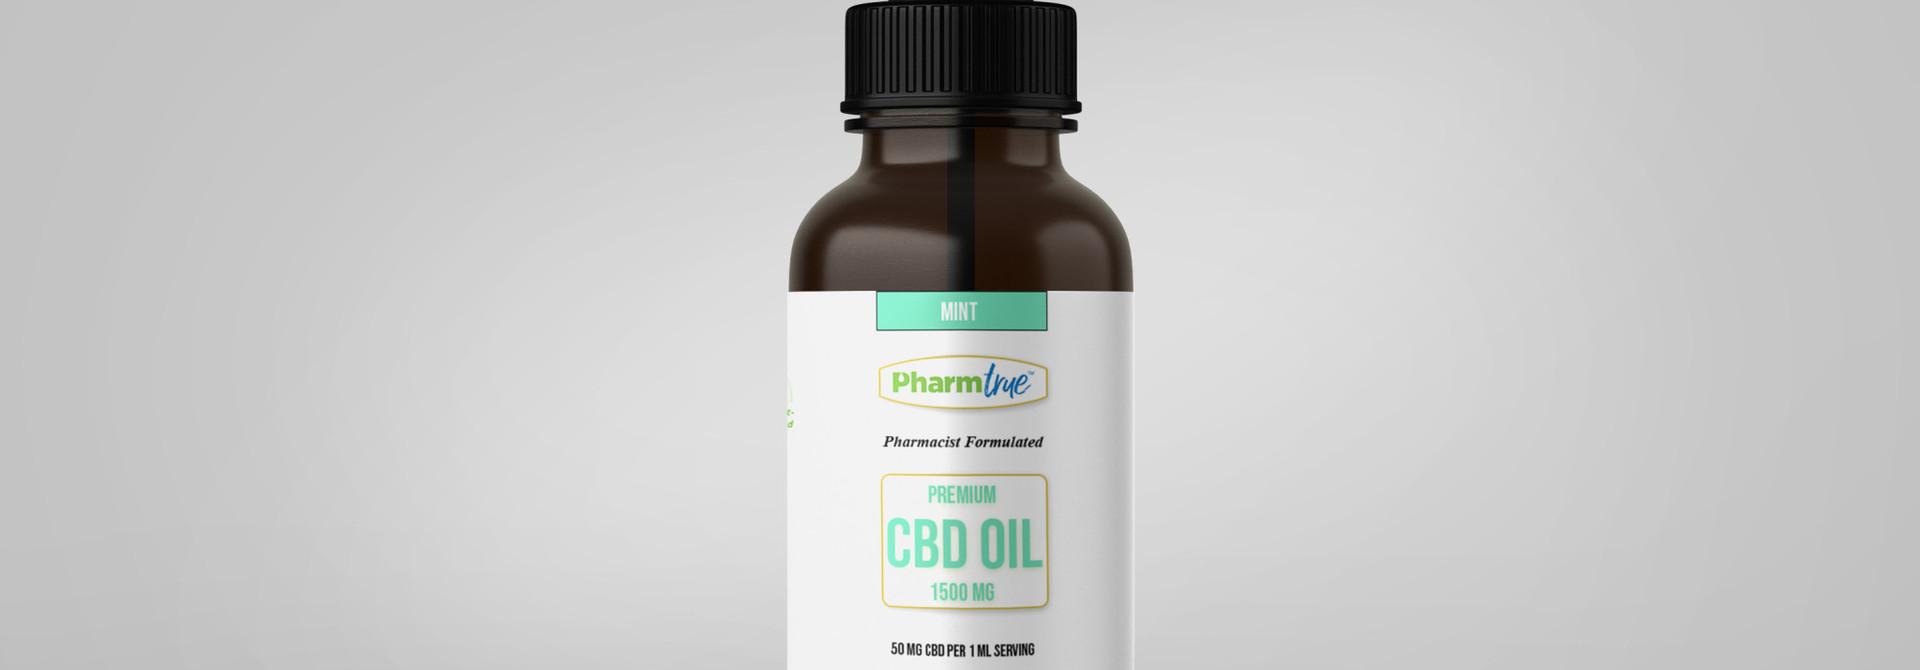 CBD OIL 1500 mg TINCTURE - Mint